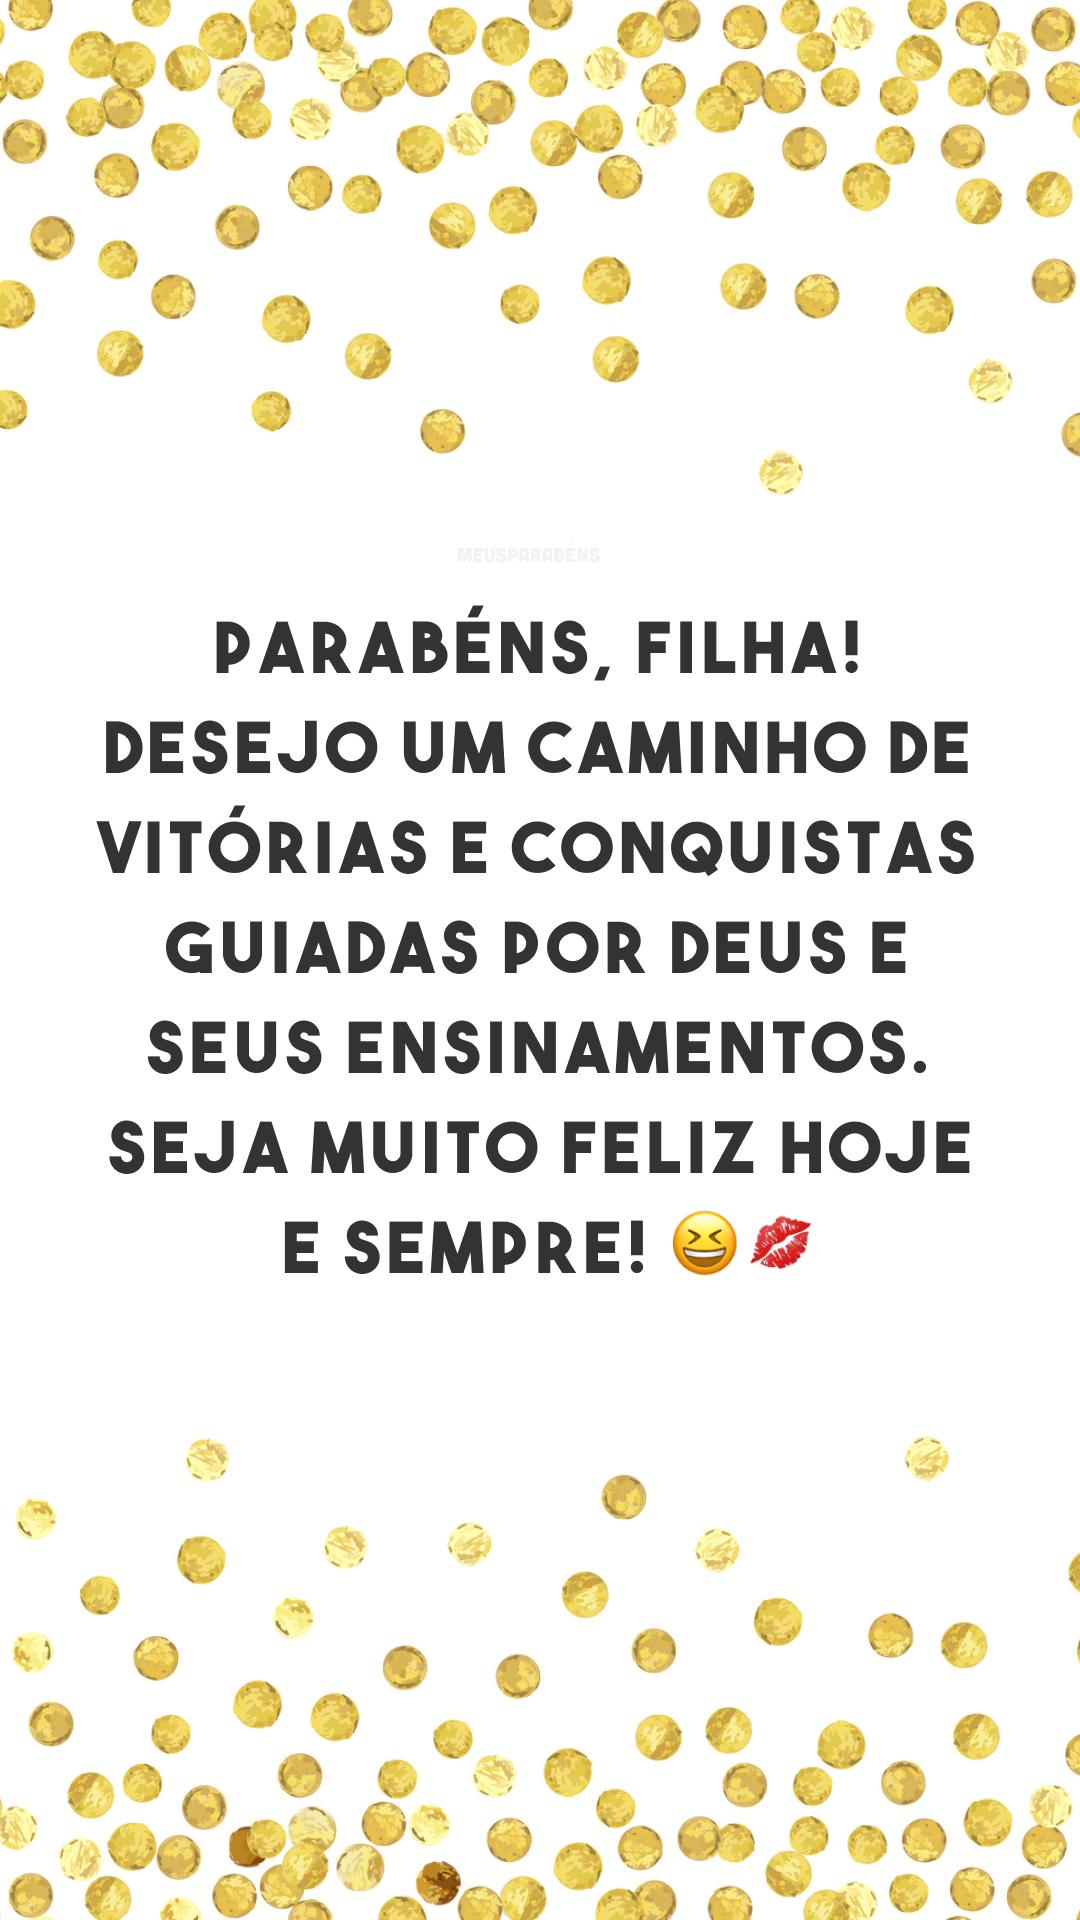 Parabéns, filha! Desejo um caminho de vitórias e conquistas guiadas por Deus e seus ensinamentos. Seja muito feliz hoje e sempre! ??